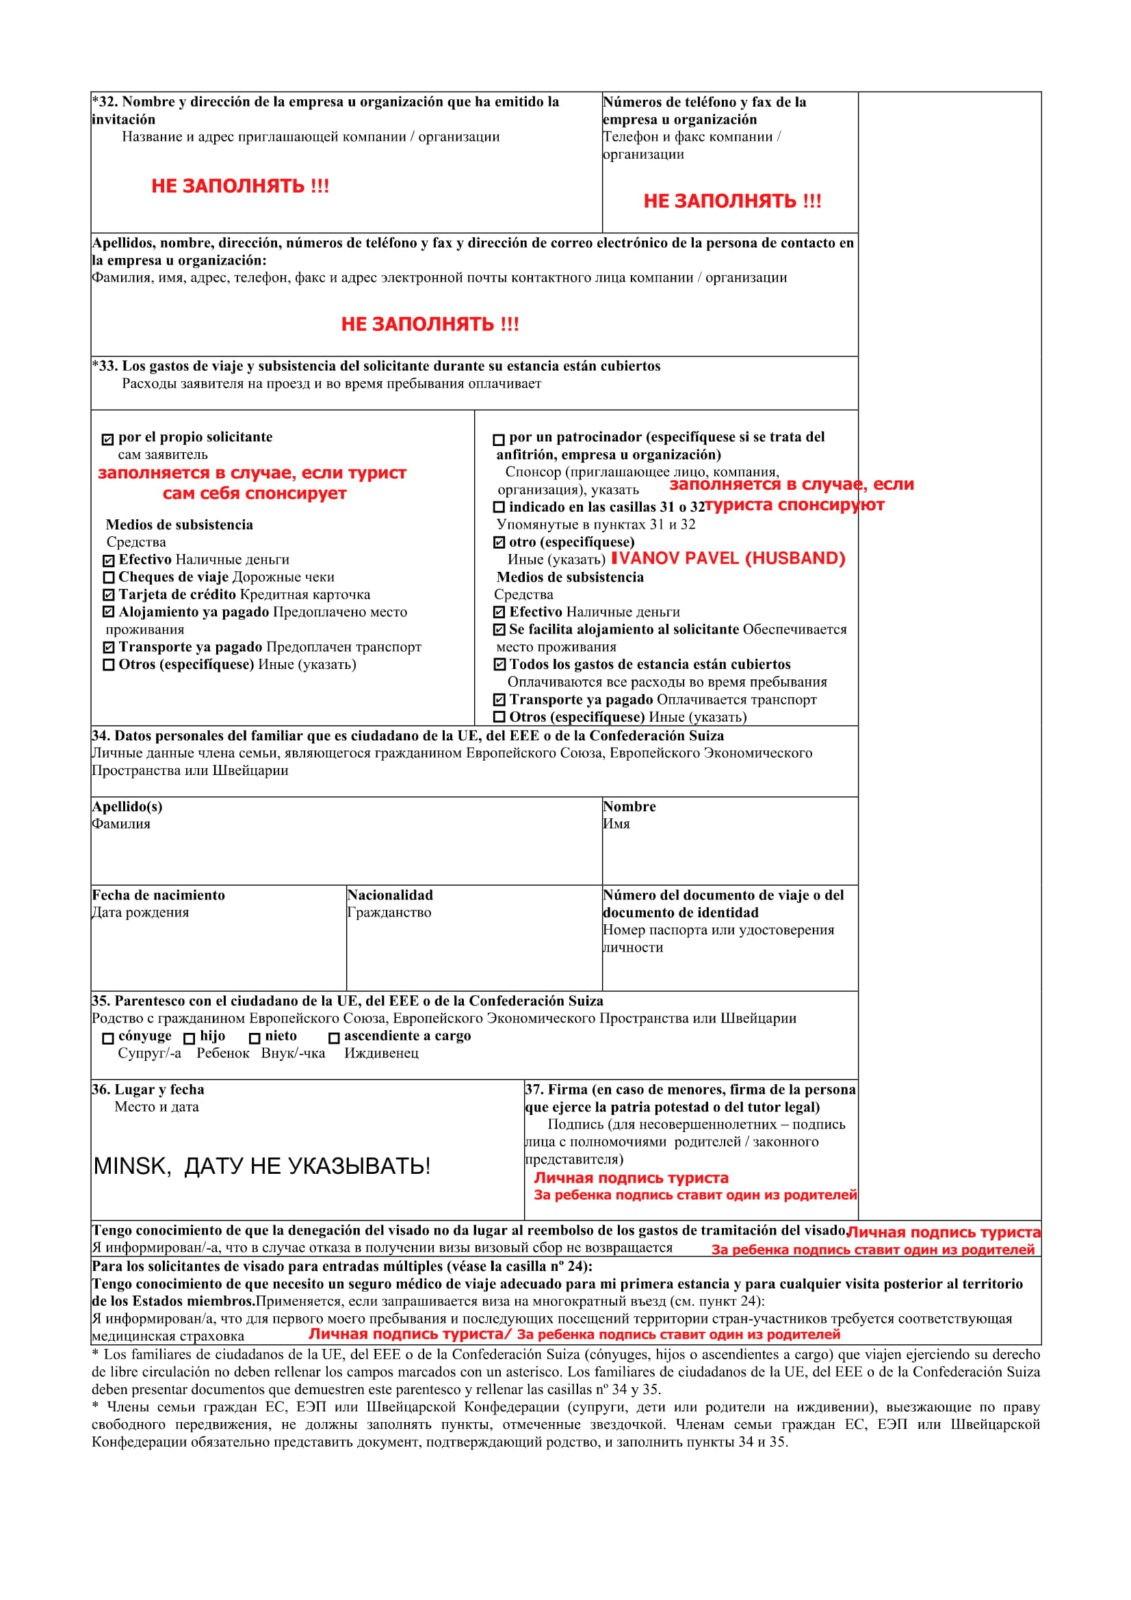 образец анкеты на визу в испанию 3